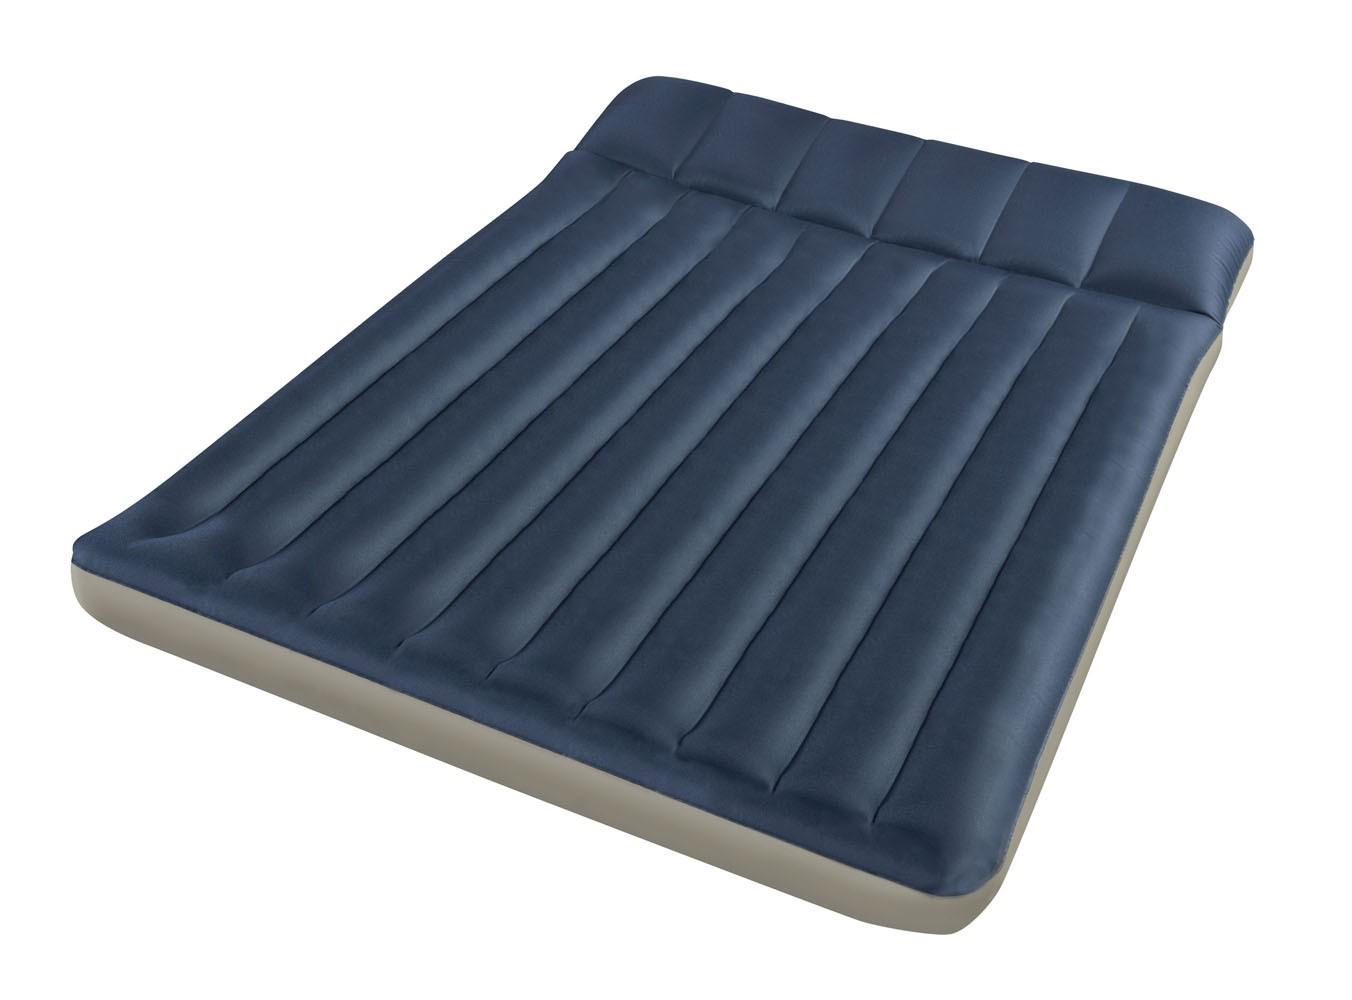 Синий надувной матрас для туристической палатки